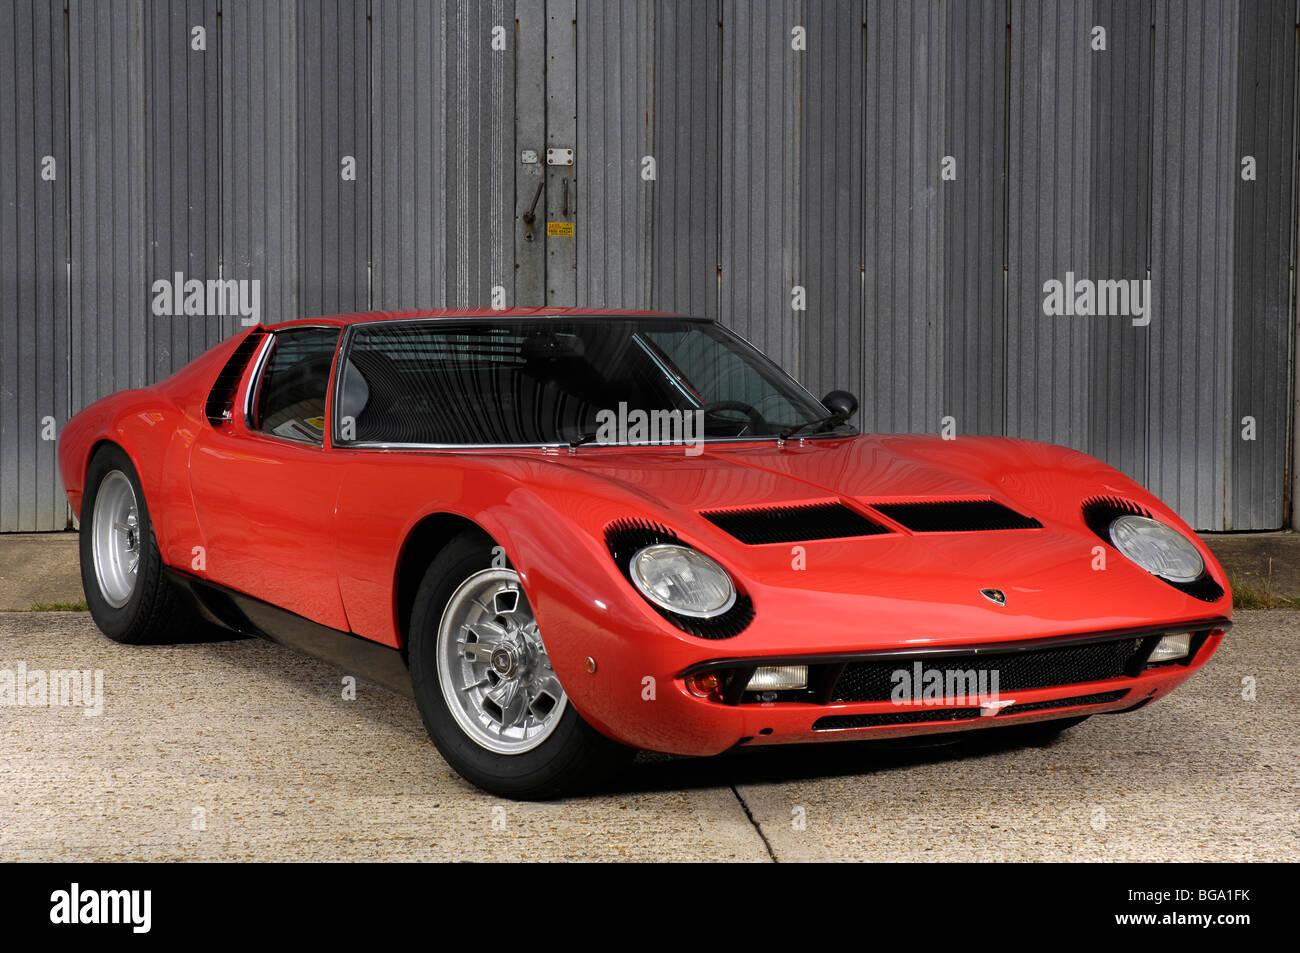 1969 Lamborghini Muira P400 S Stockbild